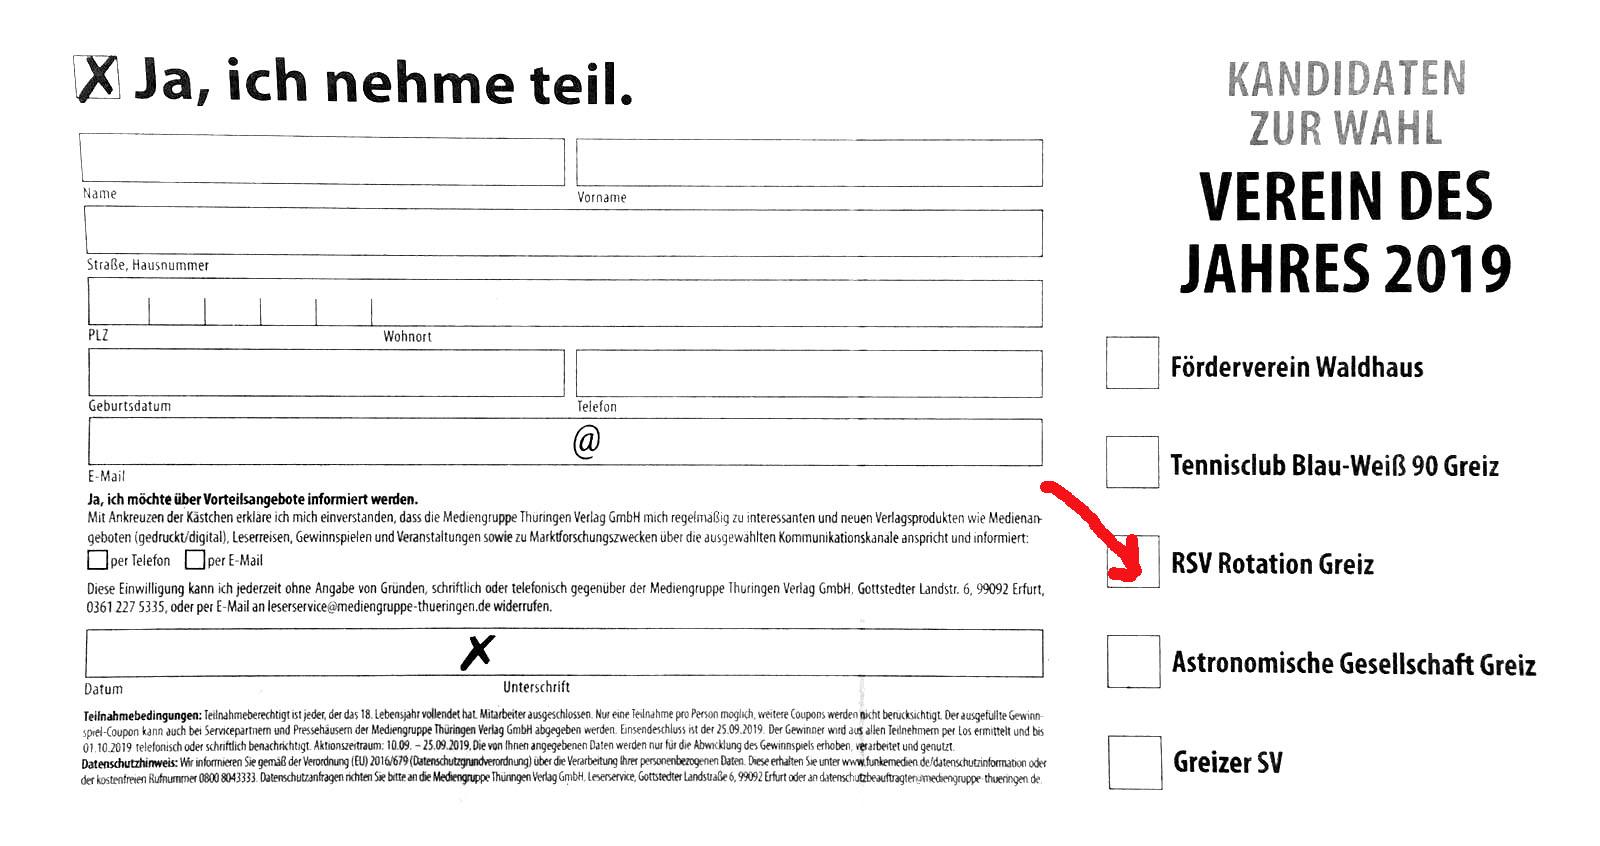 2019.09.11-verein_des_jahres_stimmzettel